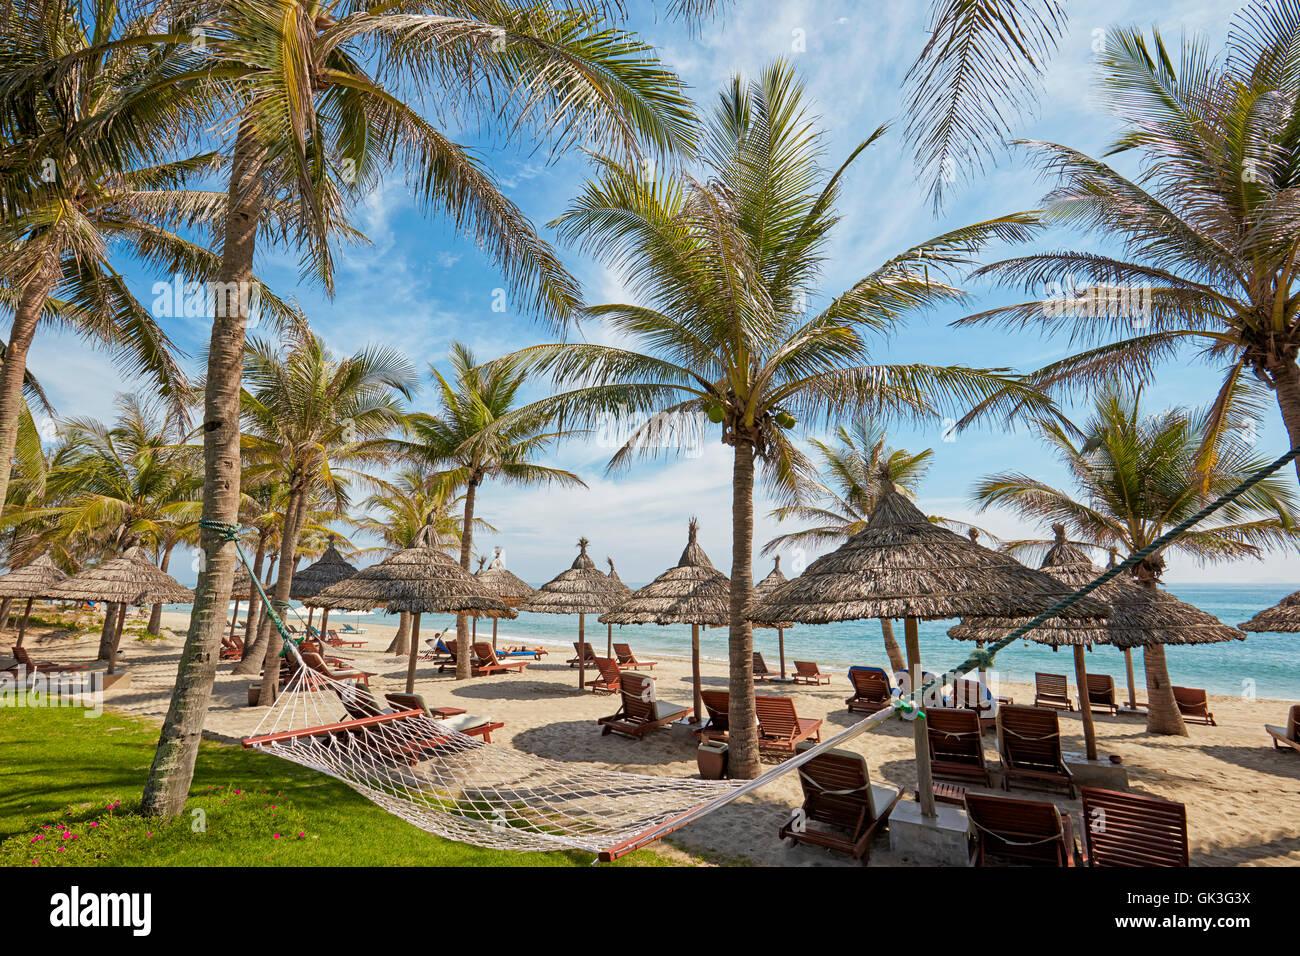 Palm Beach Resort Hoi An